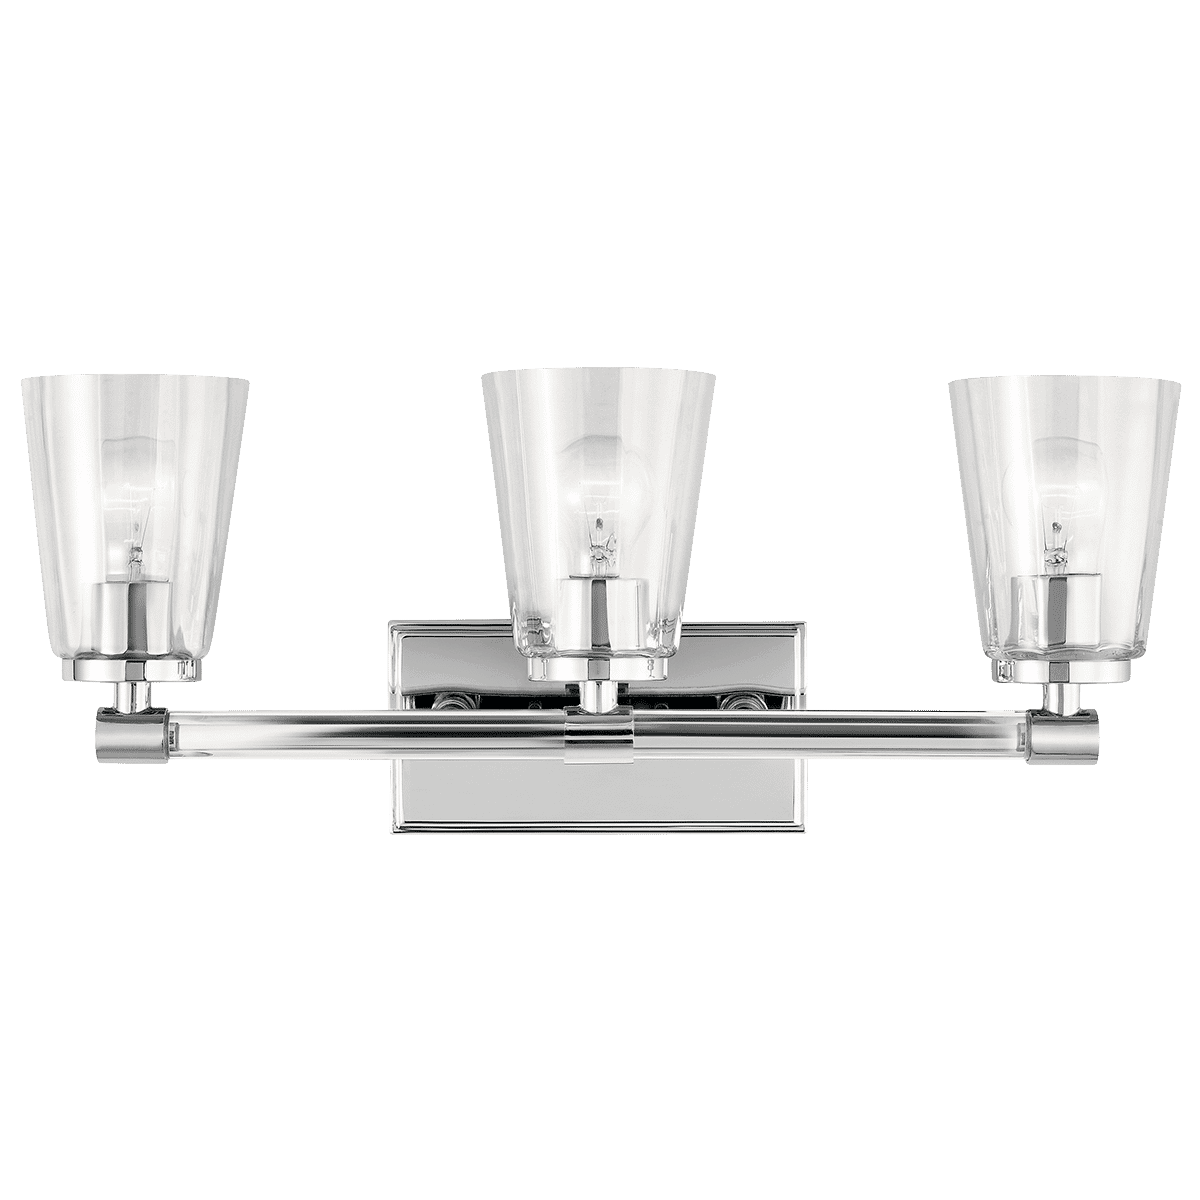 Kichler Audrea Bathroom Vanity Light 3 Light In Chrome Lightsonline Com